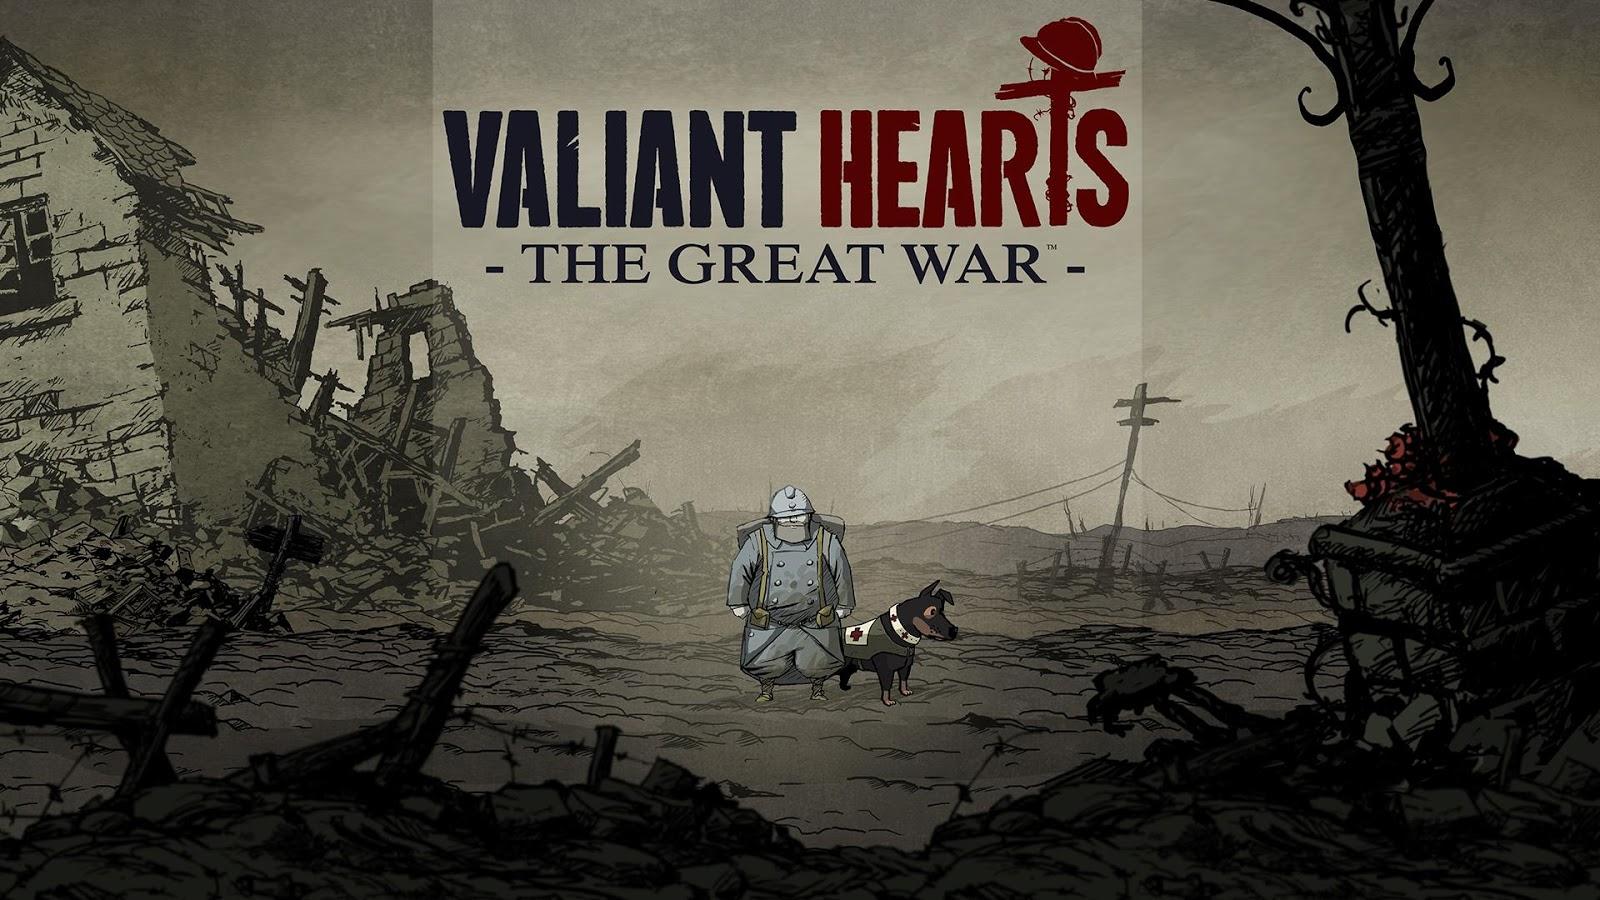 Valiant Hearts: The Great War [v1.0.0 Apk]